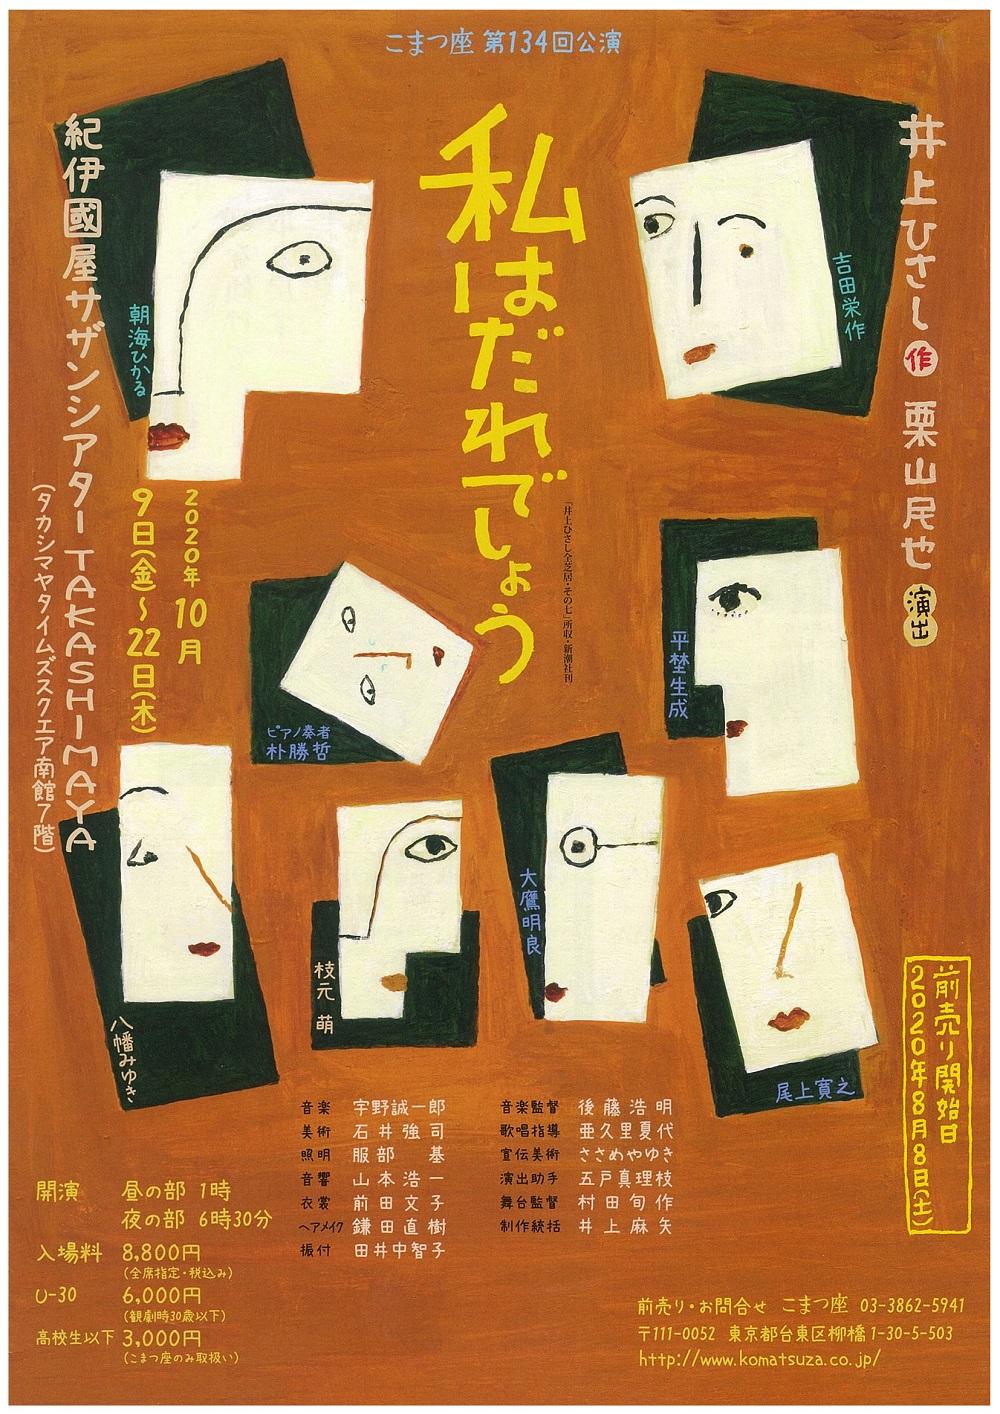 紀伊國屋書店:【紀伊國屋サザンシアター TAKASHIMAYA】こまつ座公演「私はだれでしょう」